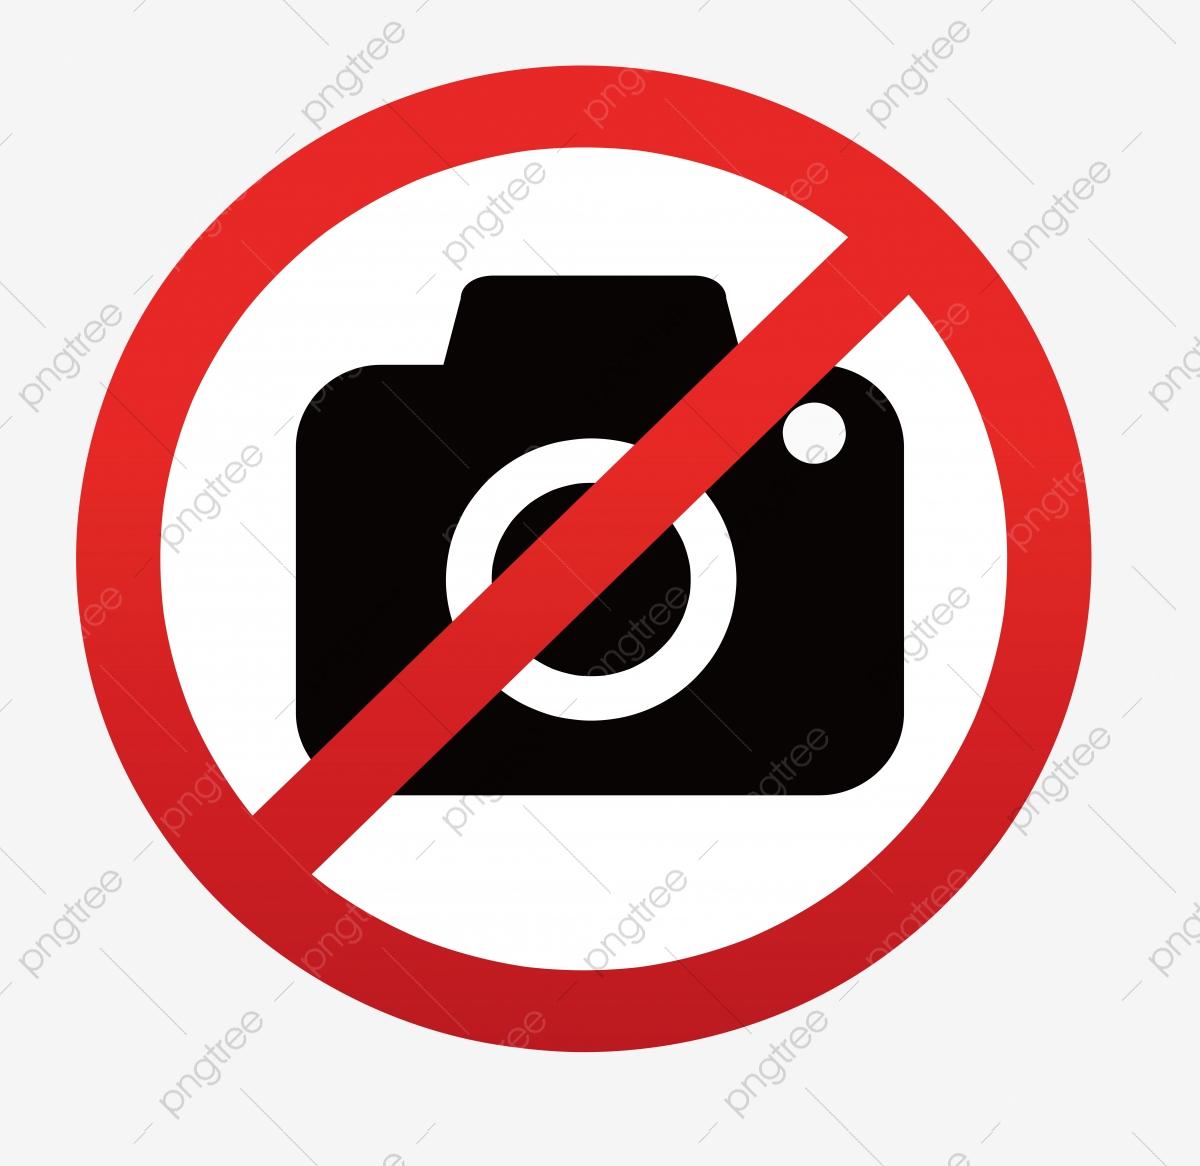 ممنوع اصطحاب جوالات الكاميرا Png